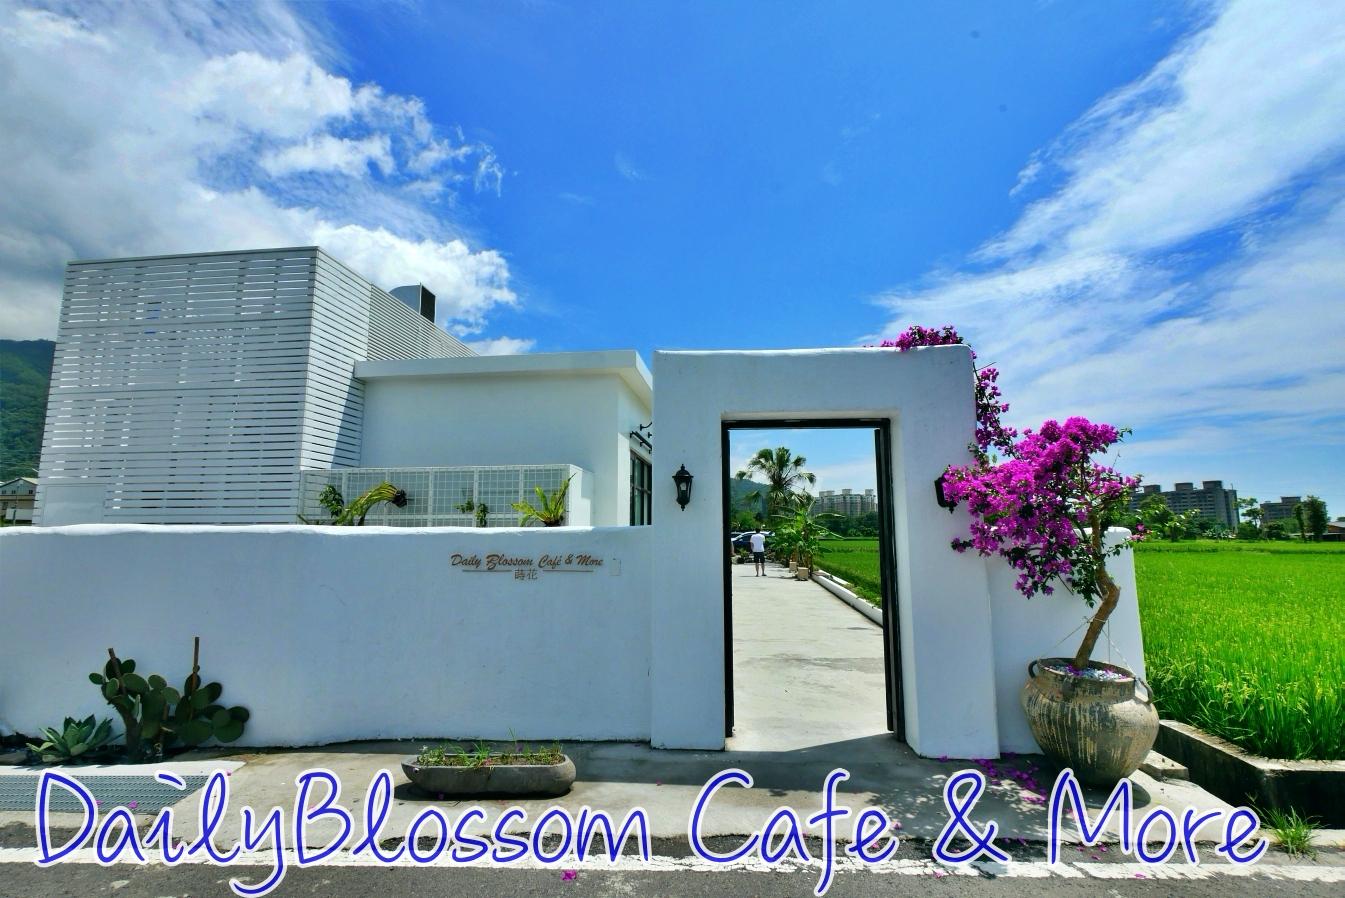 最新推播訊息:[宜蘭美食]蒔花 DailyBlossom Cafe & More|礁溪目前最新火紅網美咖啡館~充滿異國風情渡假風格咖啡館